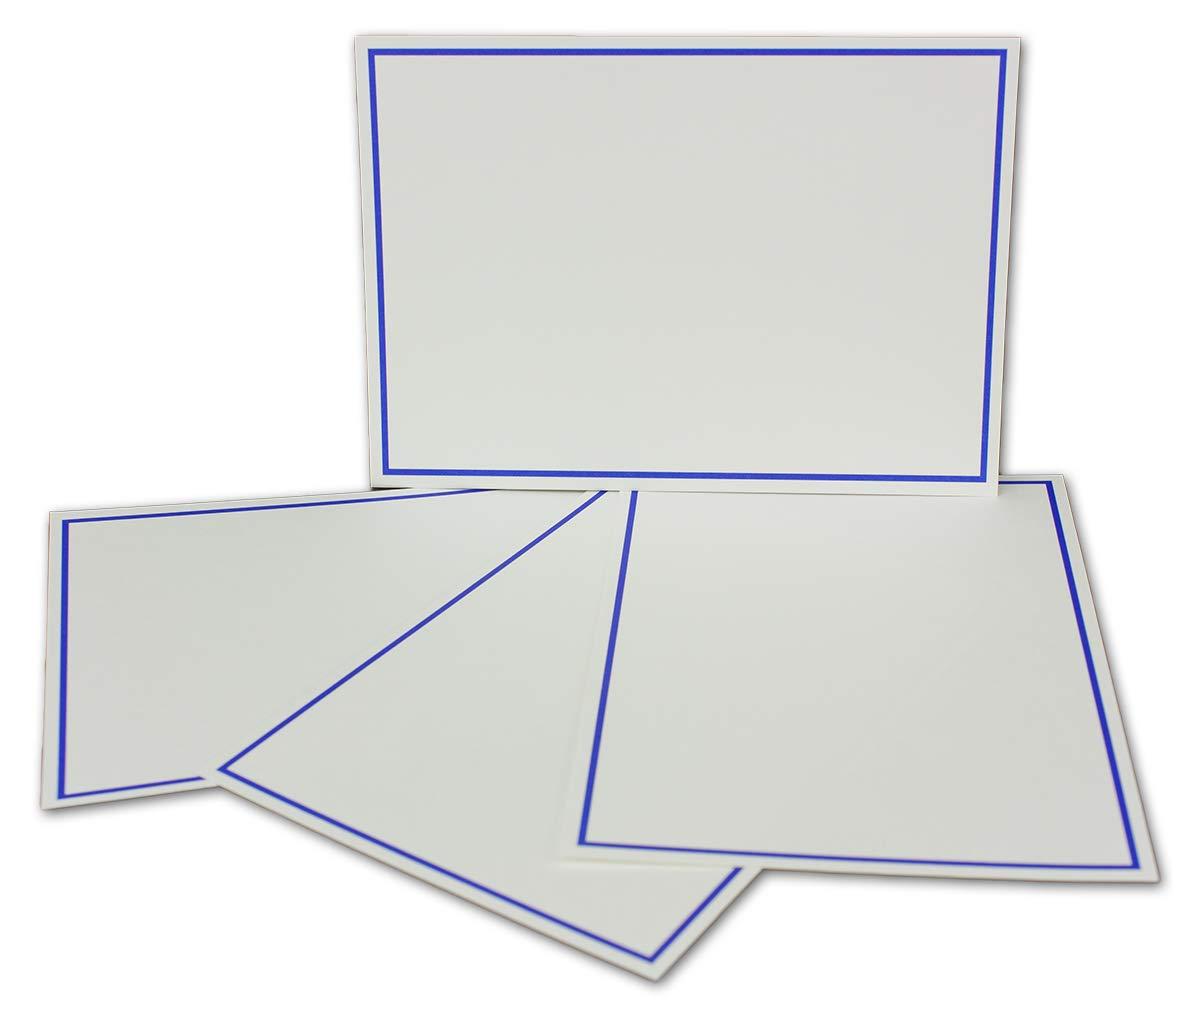 Postkarten-Einfachkarte-DIN A6-240 g m² - Natur-Weiss-Creme mit Rahmen in Hellblau - 200 Stück - Premium QUALITÄT - 10,5 x 14,8 cm - Ideal für Grußkarten und Einladungen - NEUSER FarbenFroh B07JQ8YRDX | Deutschland